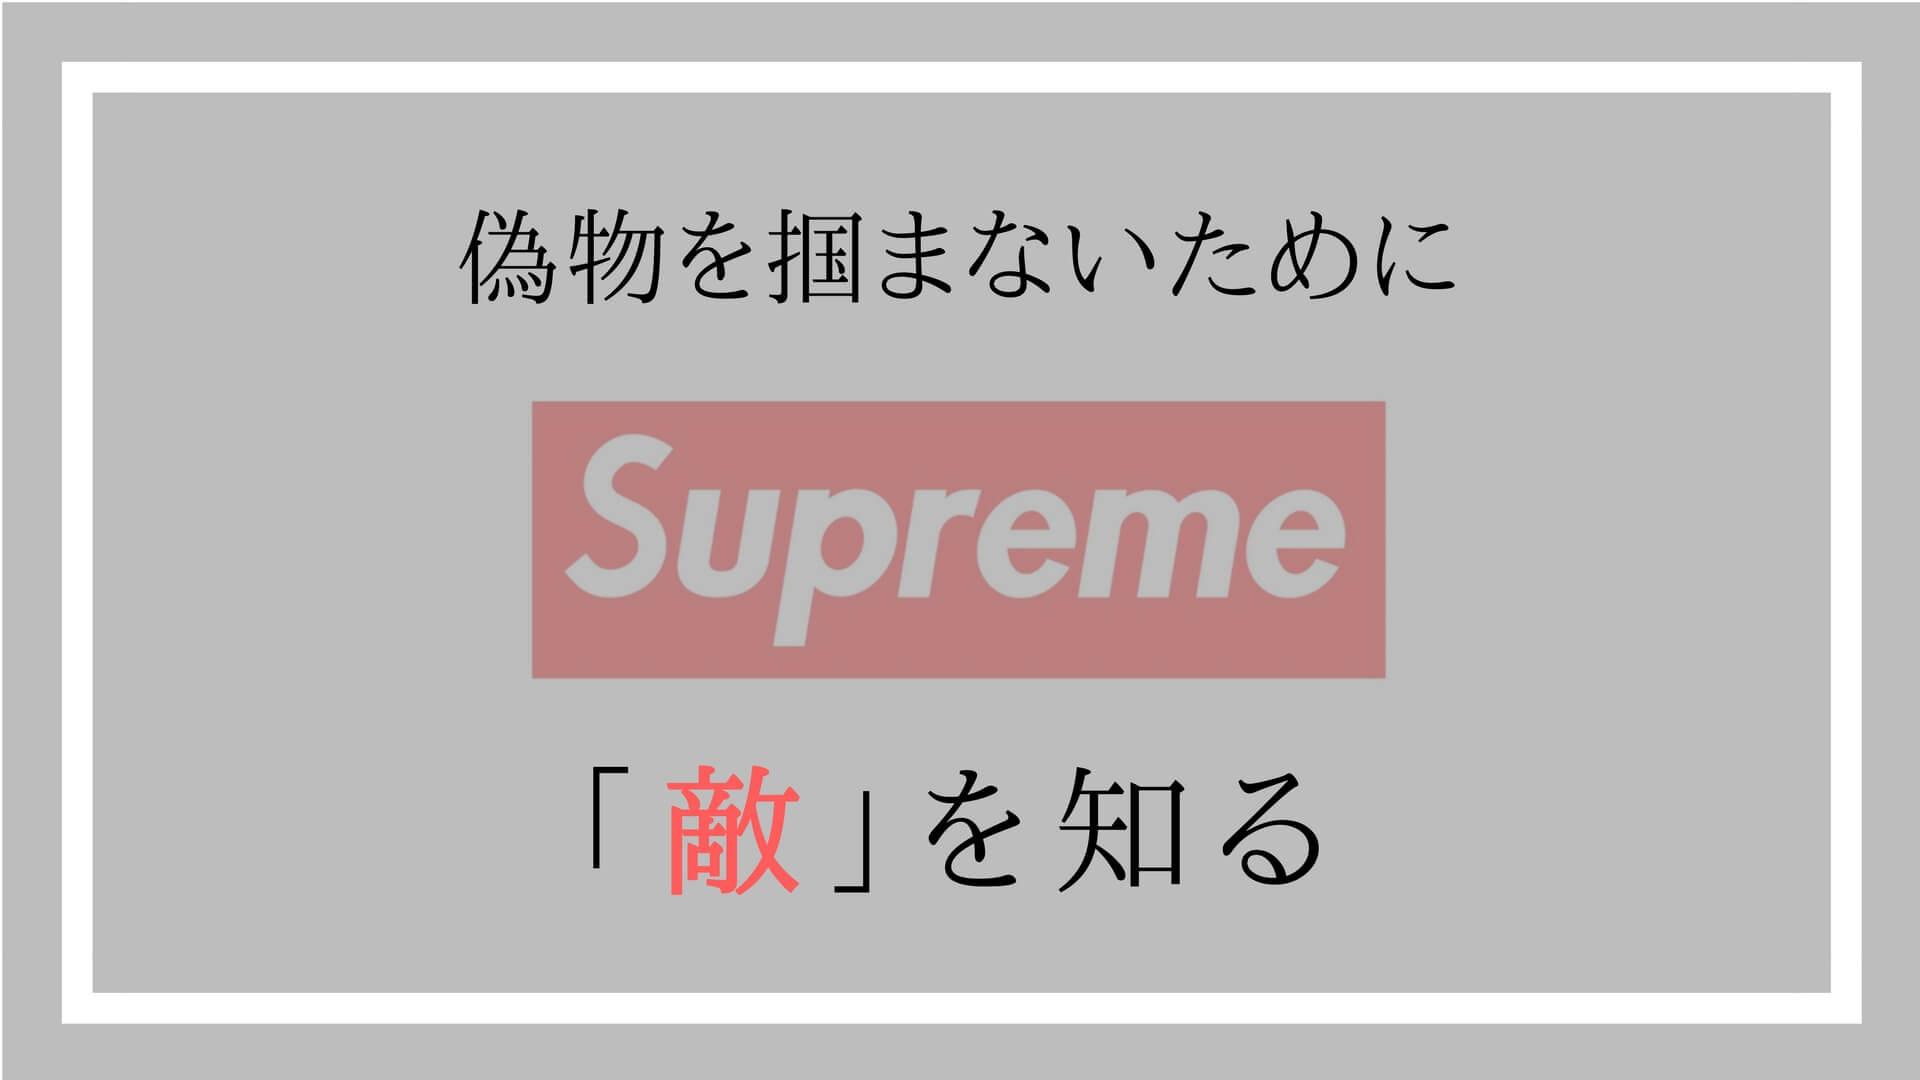 Supreme_偽物撲滅